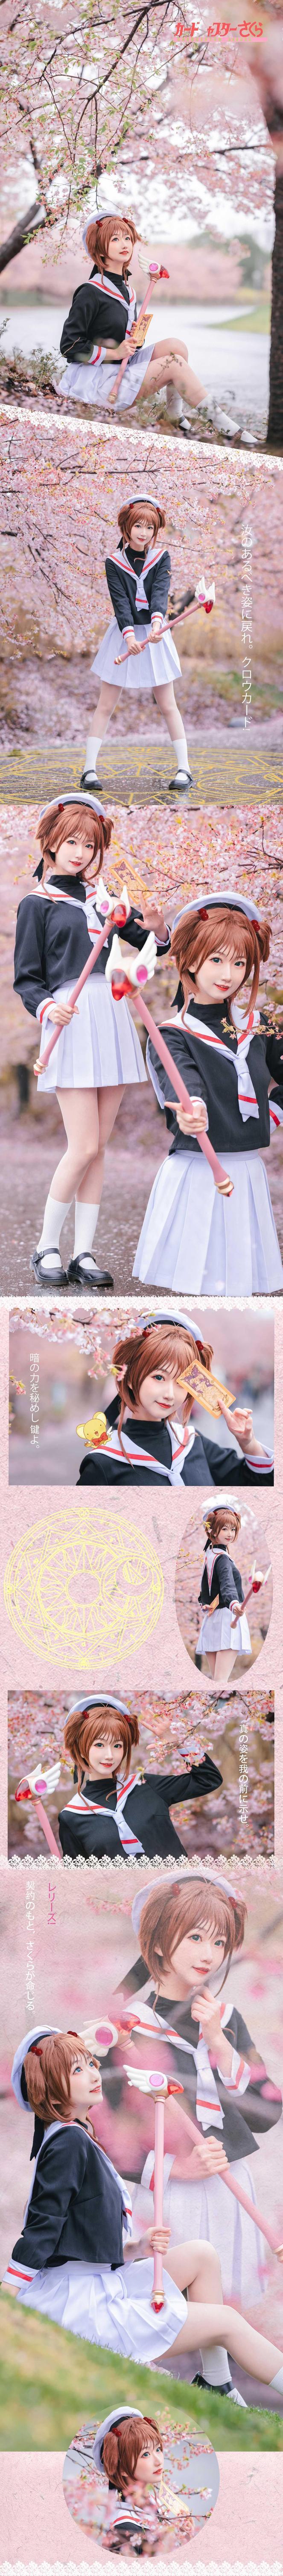 《魔卡少女樱》战士cosplay【CN:风眠眠w】-第16张